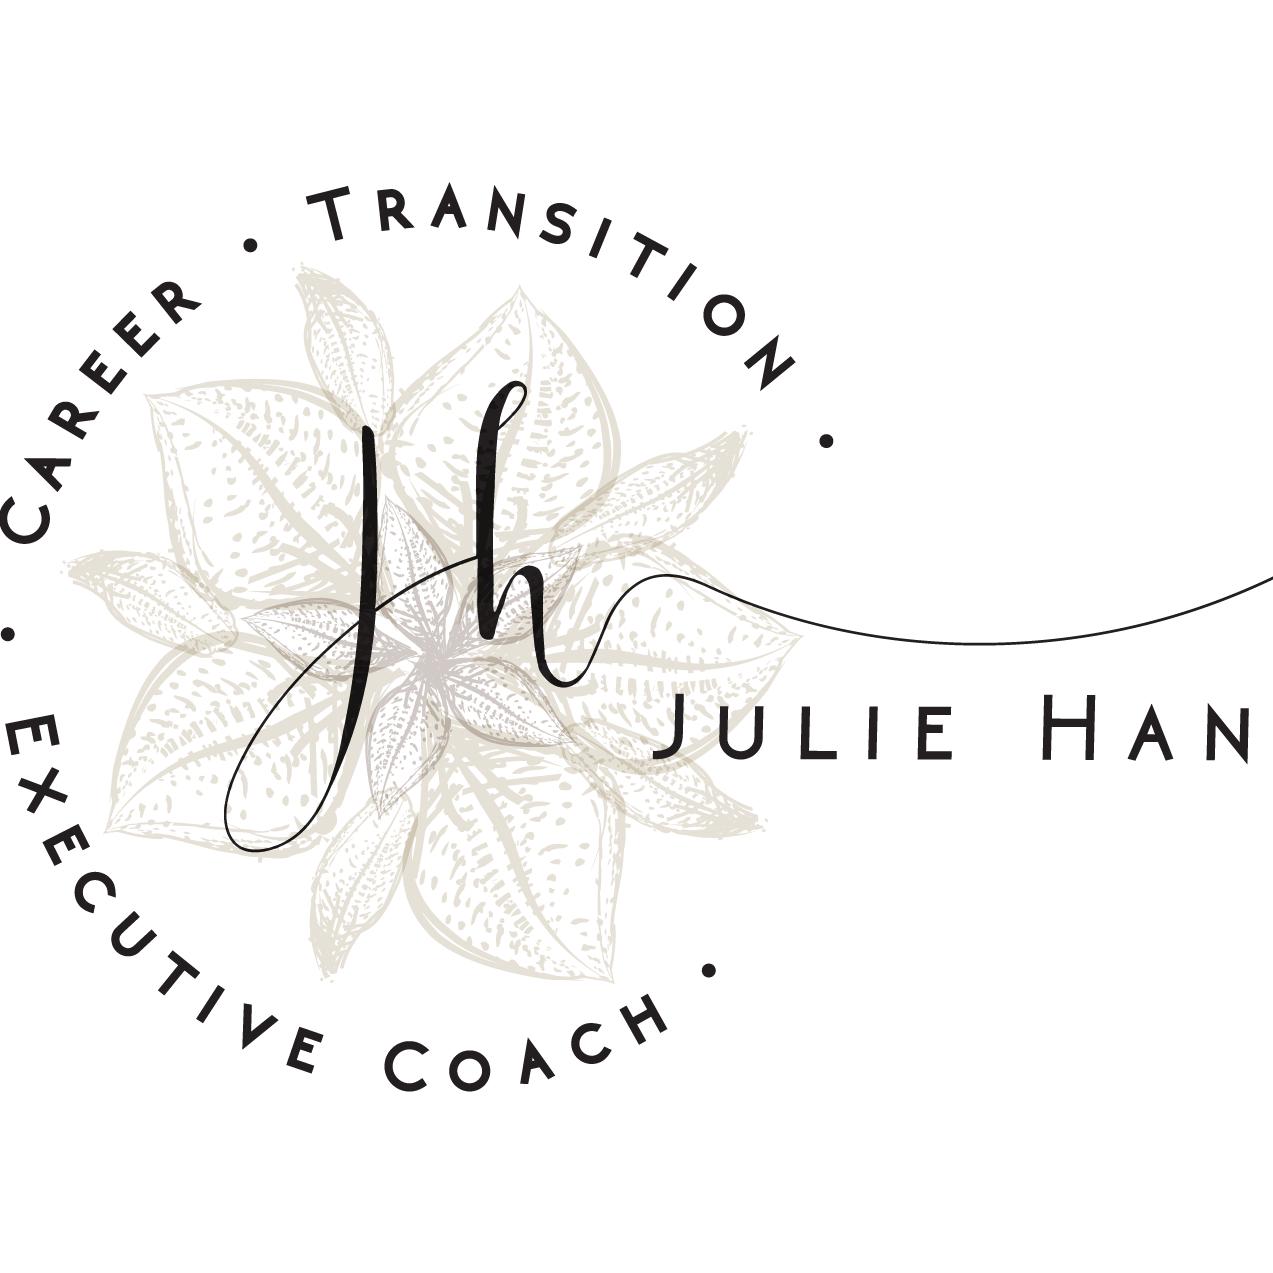 Julie Han Coaching